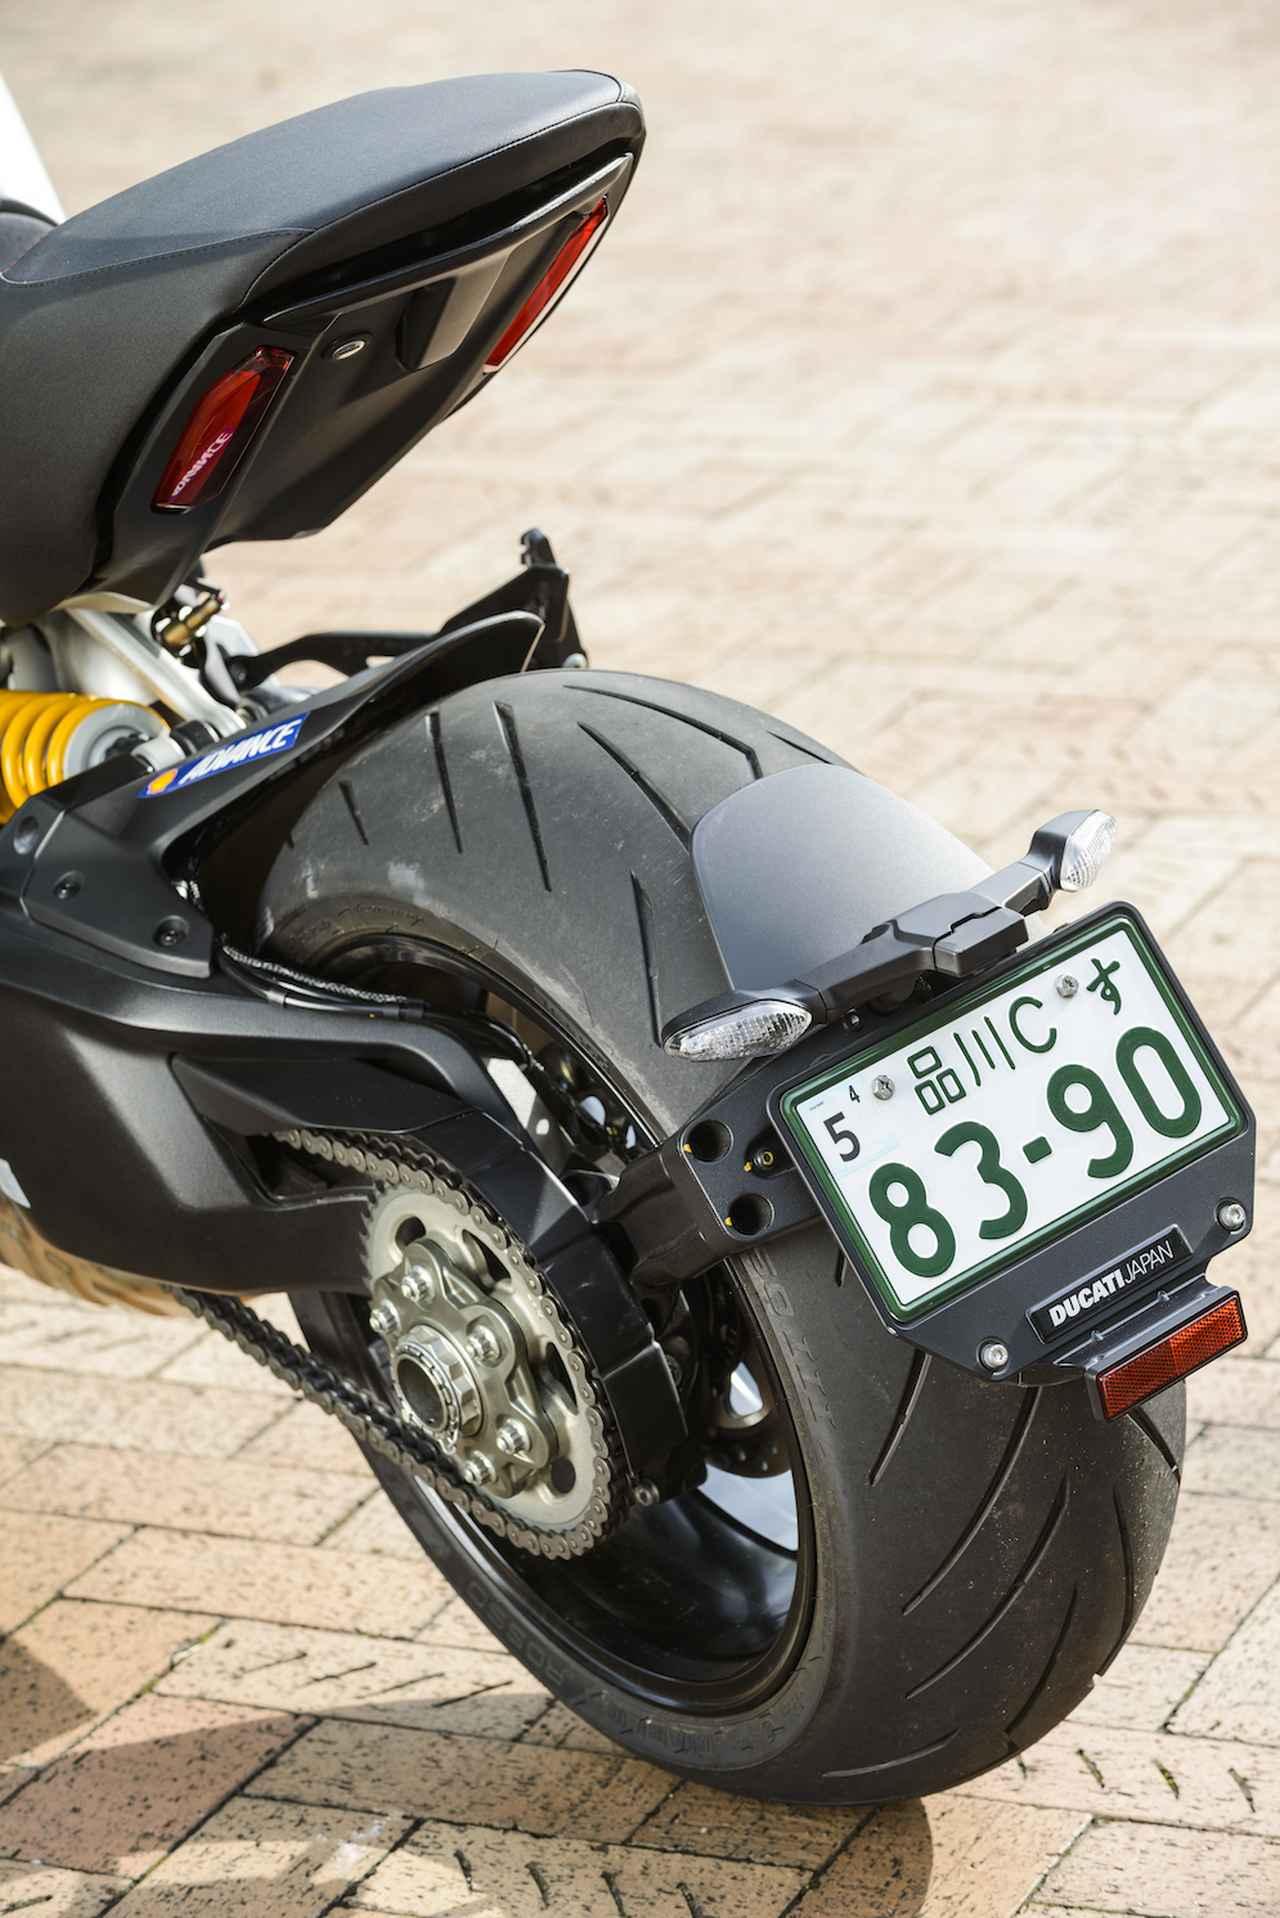 画像: ドゥカティのスーパーバイクシリーズ譲りの、クルーザースタイルの中で異分子のようにレーシーさを感じさせる片持ちスイングアームも従来のディアベル同様。片持ち故にむき出しになった10本スポークホイール、240/45という極太で低扁平率のリアタイヤが、スリムなテールと対照的で強烈な印象を残す。